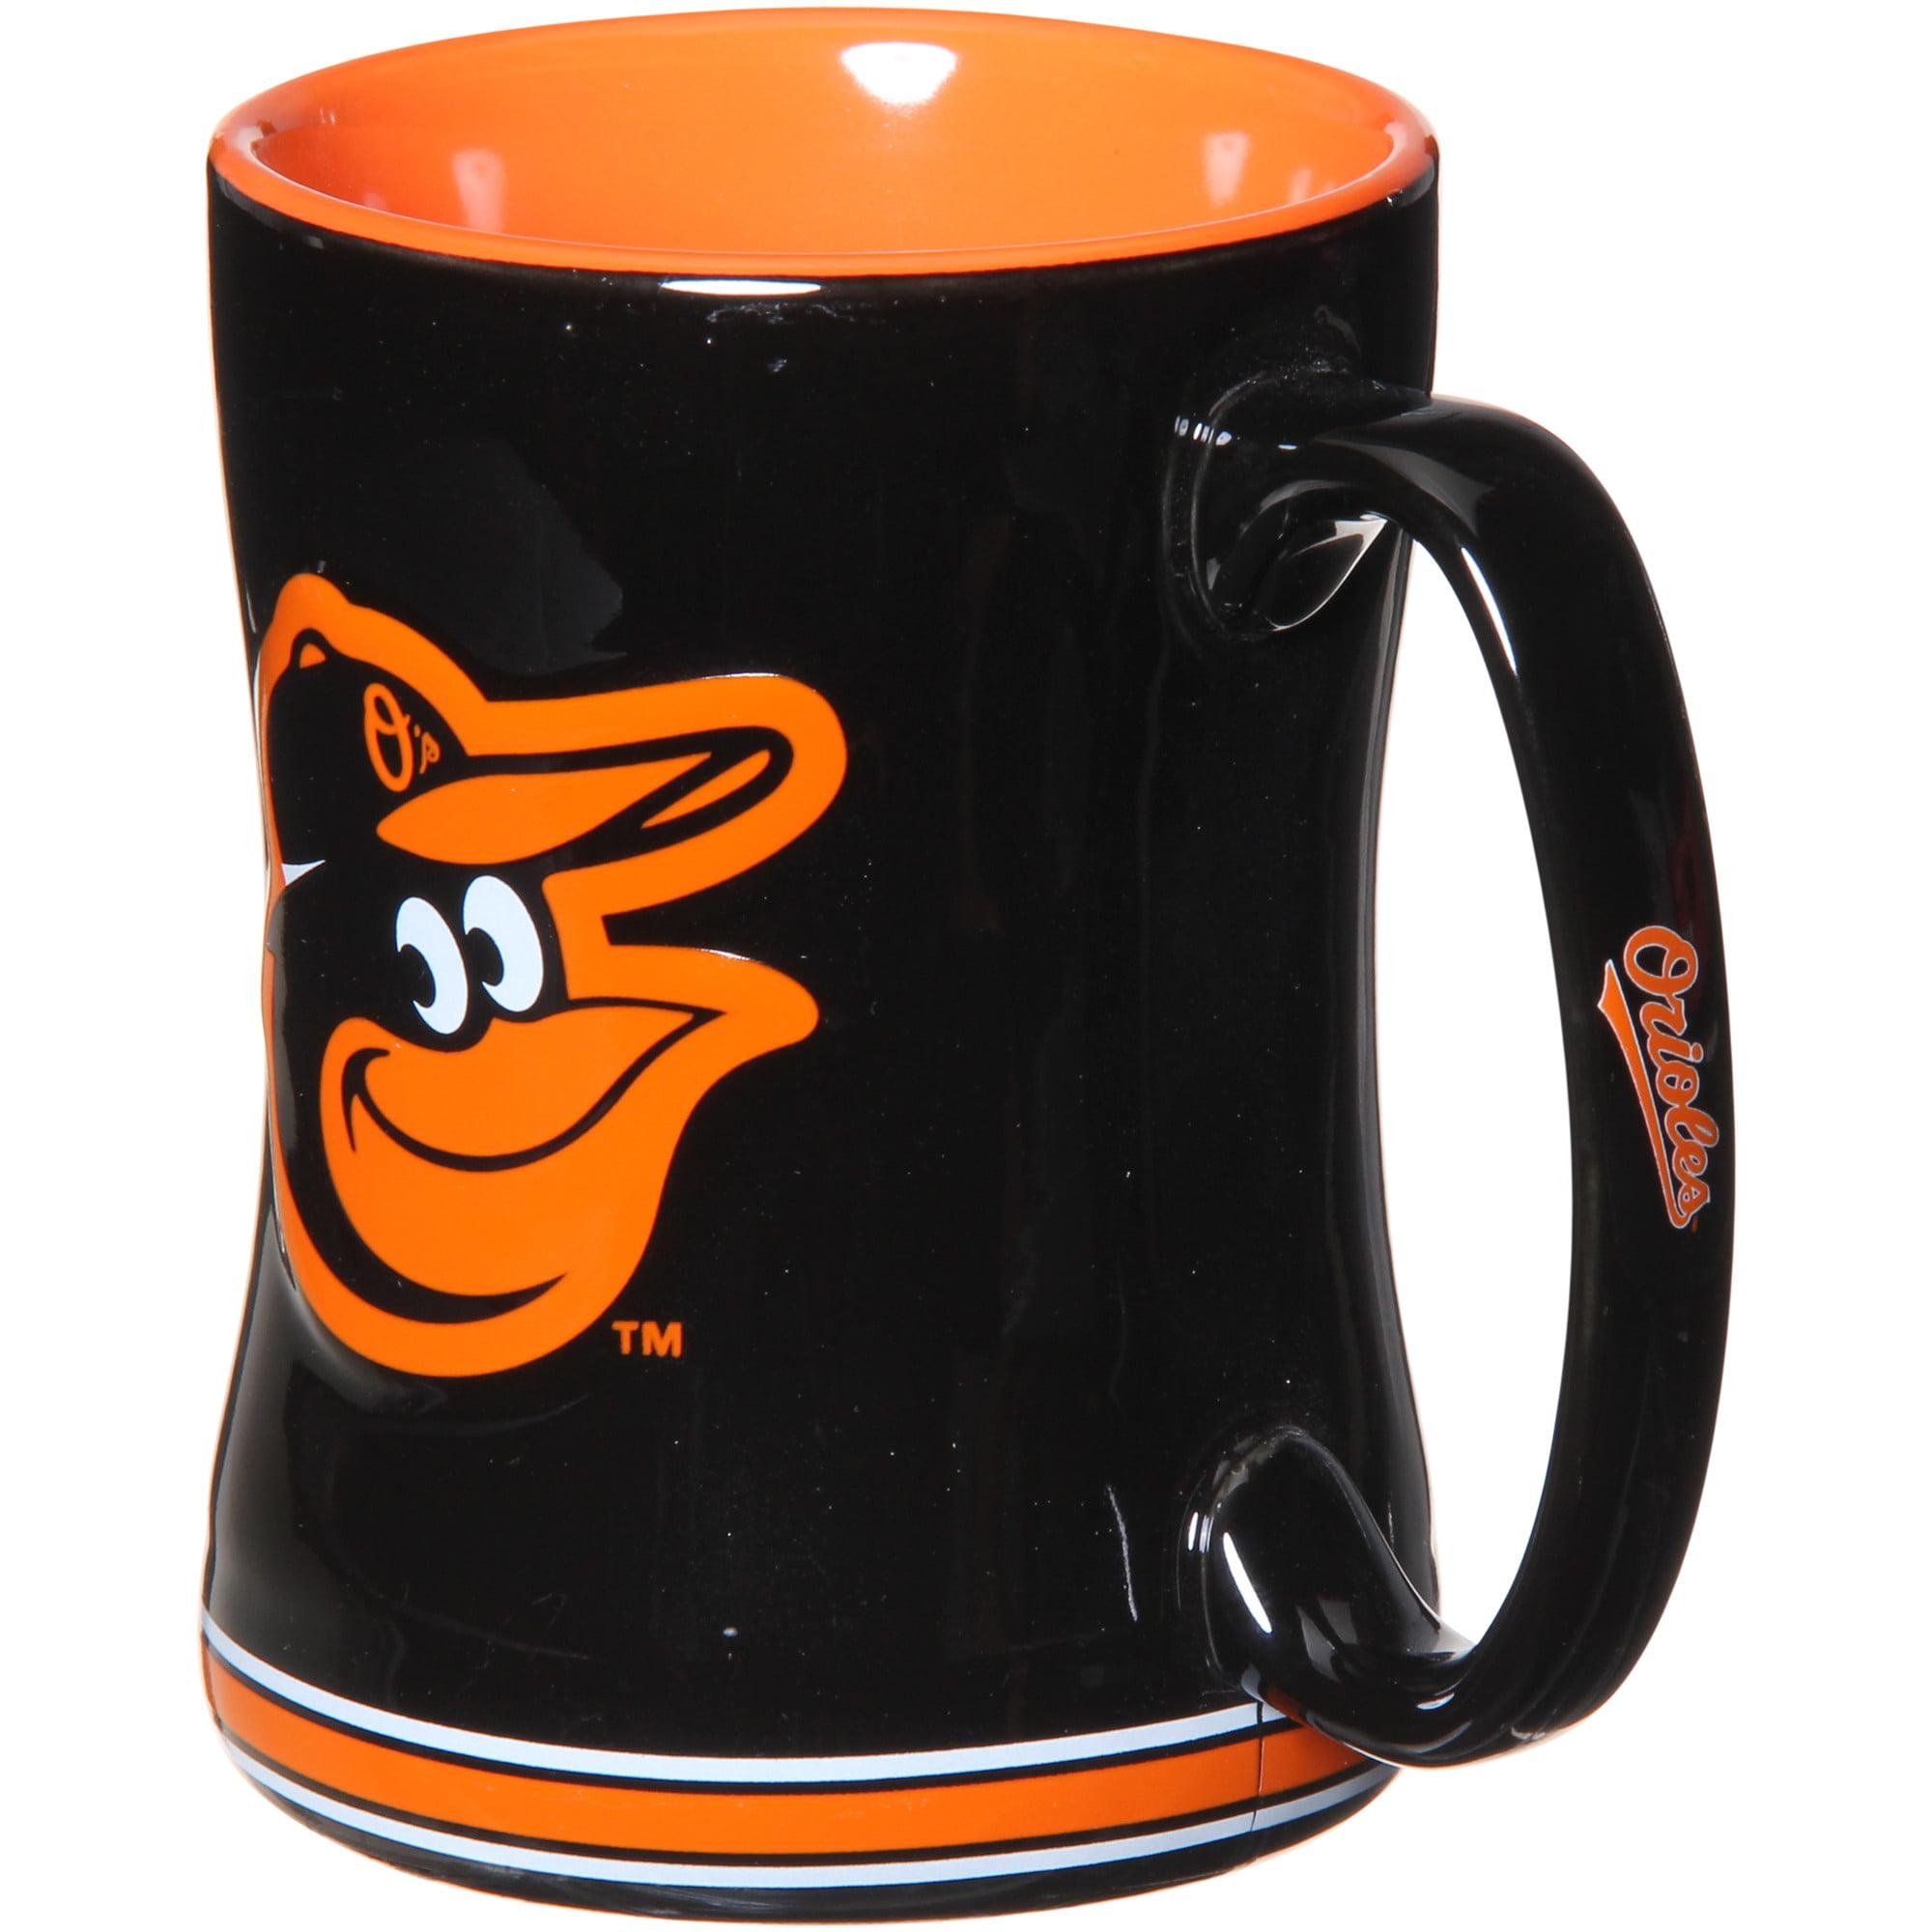 Baltimore Orioles 14oz. Relief Coffee Mug - No Size